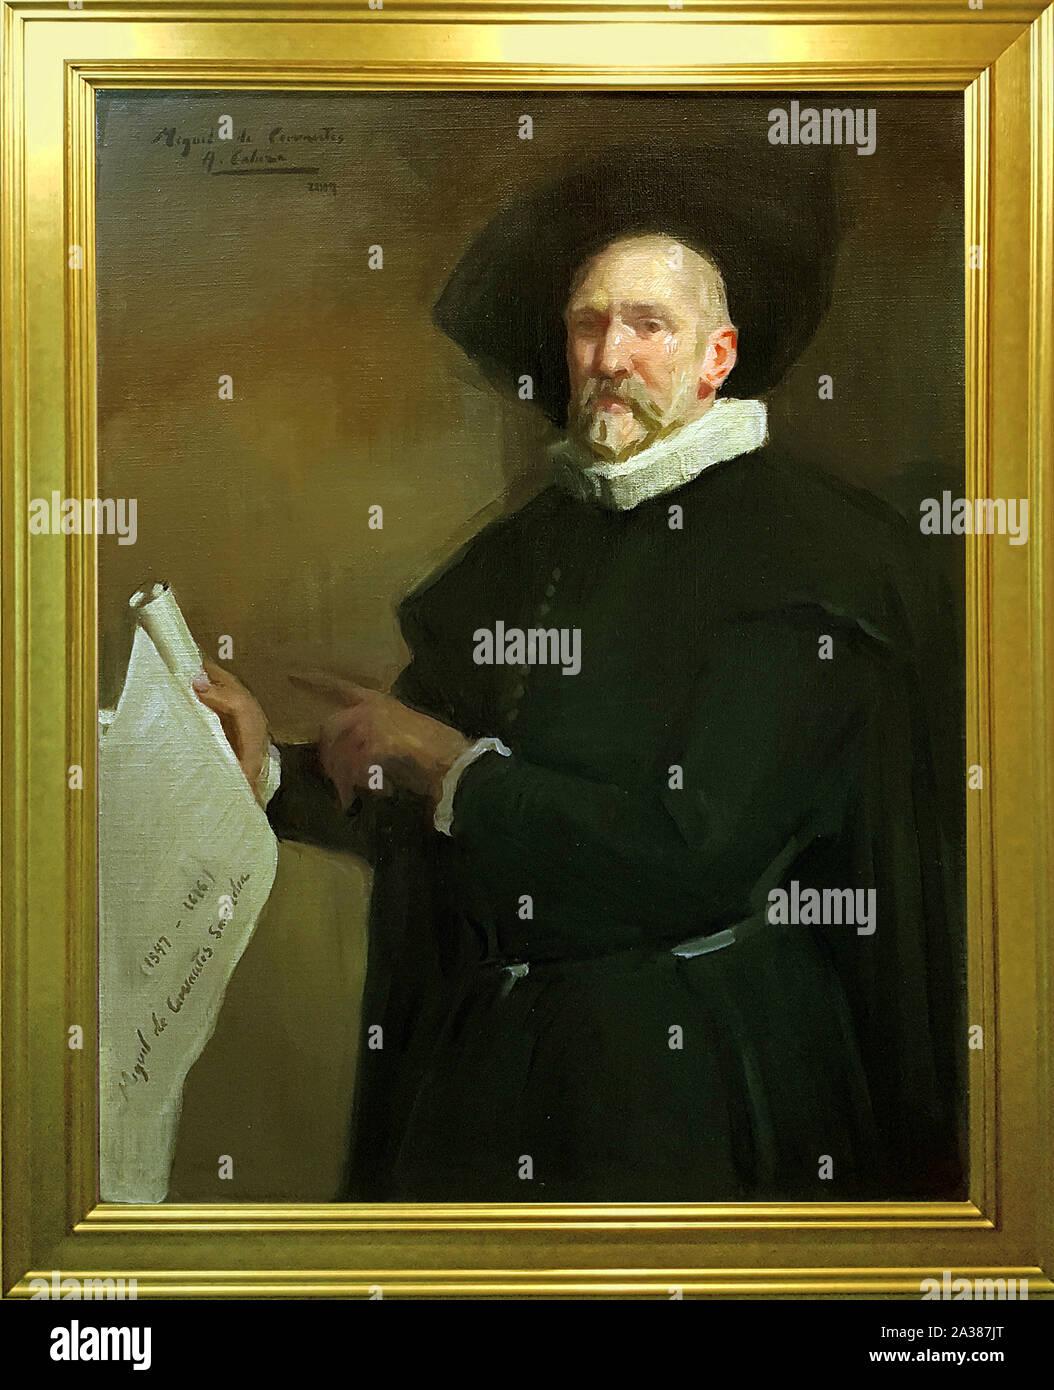 Miguel de Cervantes / Museo Nacional del Teatro de Almagro / Obra del pintor Alejandro Cabeza Stock Photo